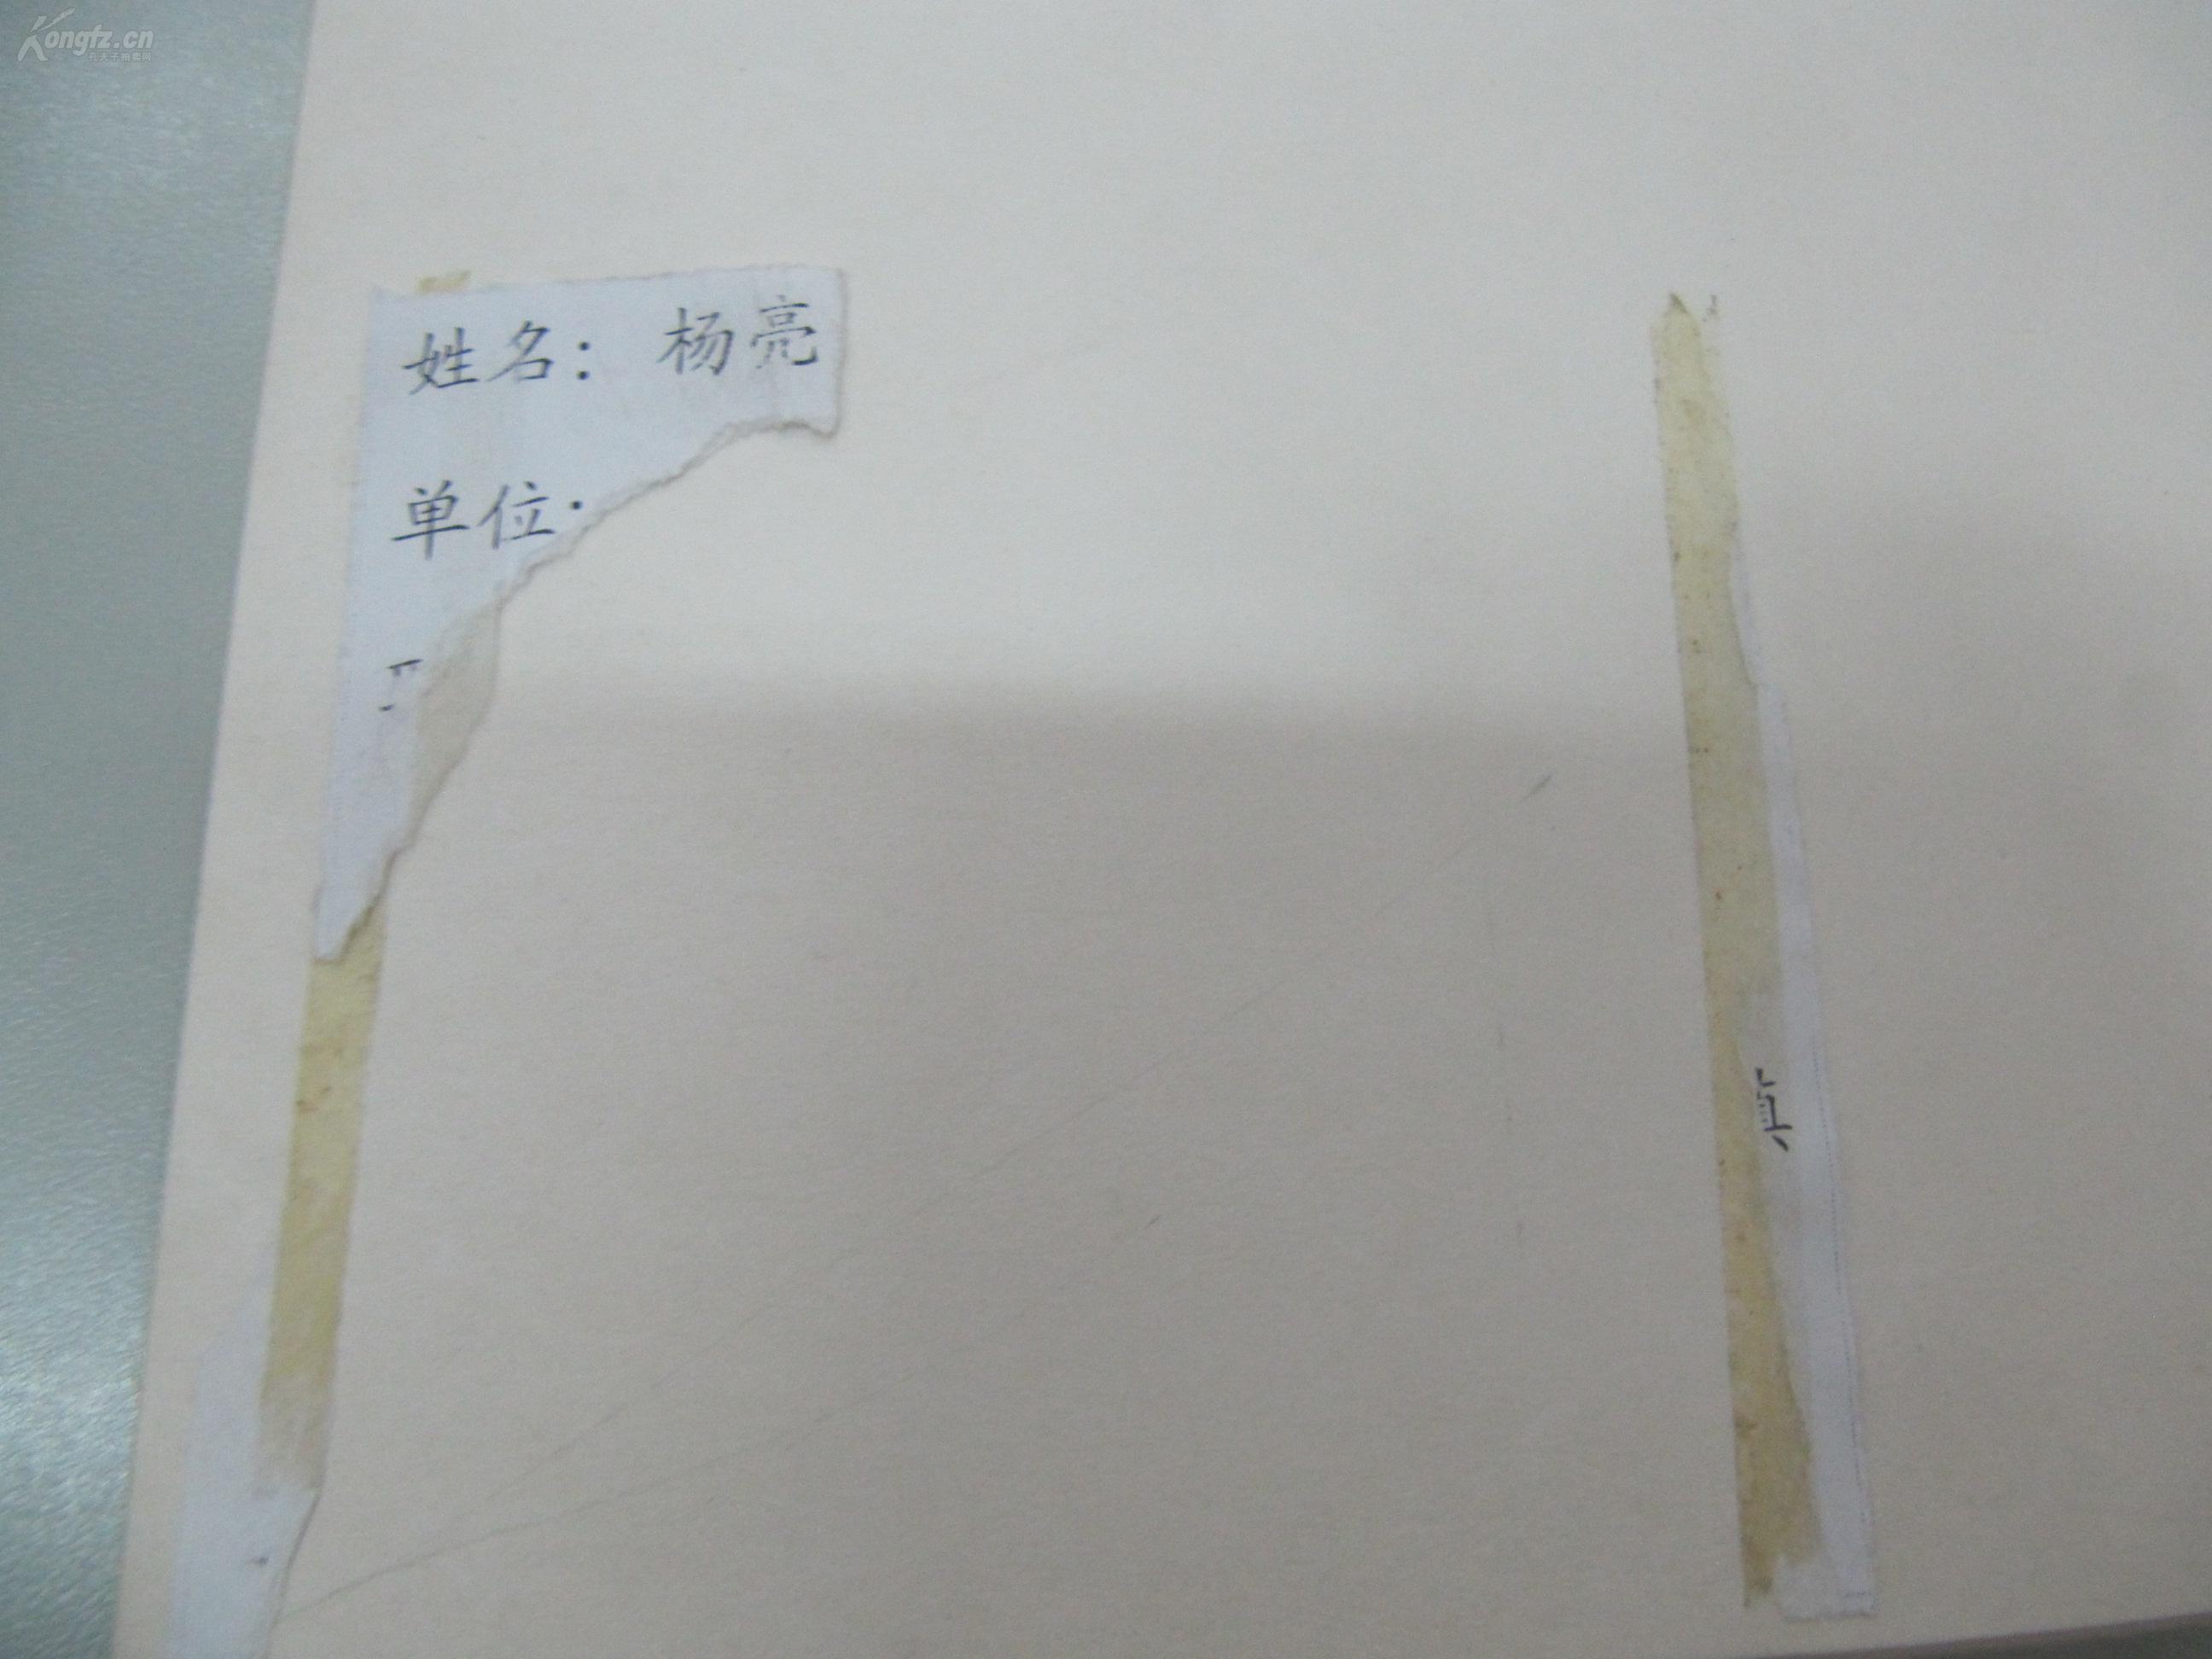 杨亮 军旅摄影照片一张 军营摄影师 尺寸25 20厘米